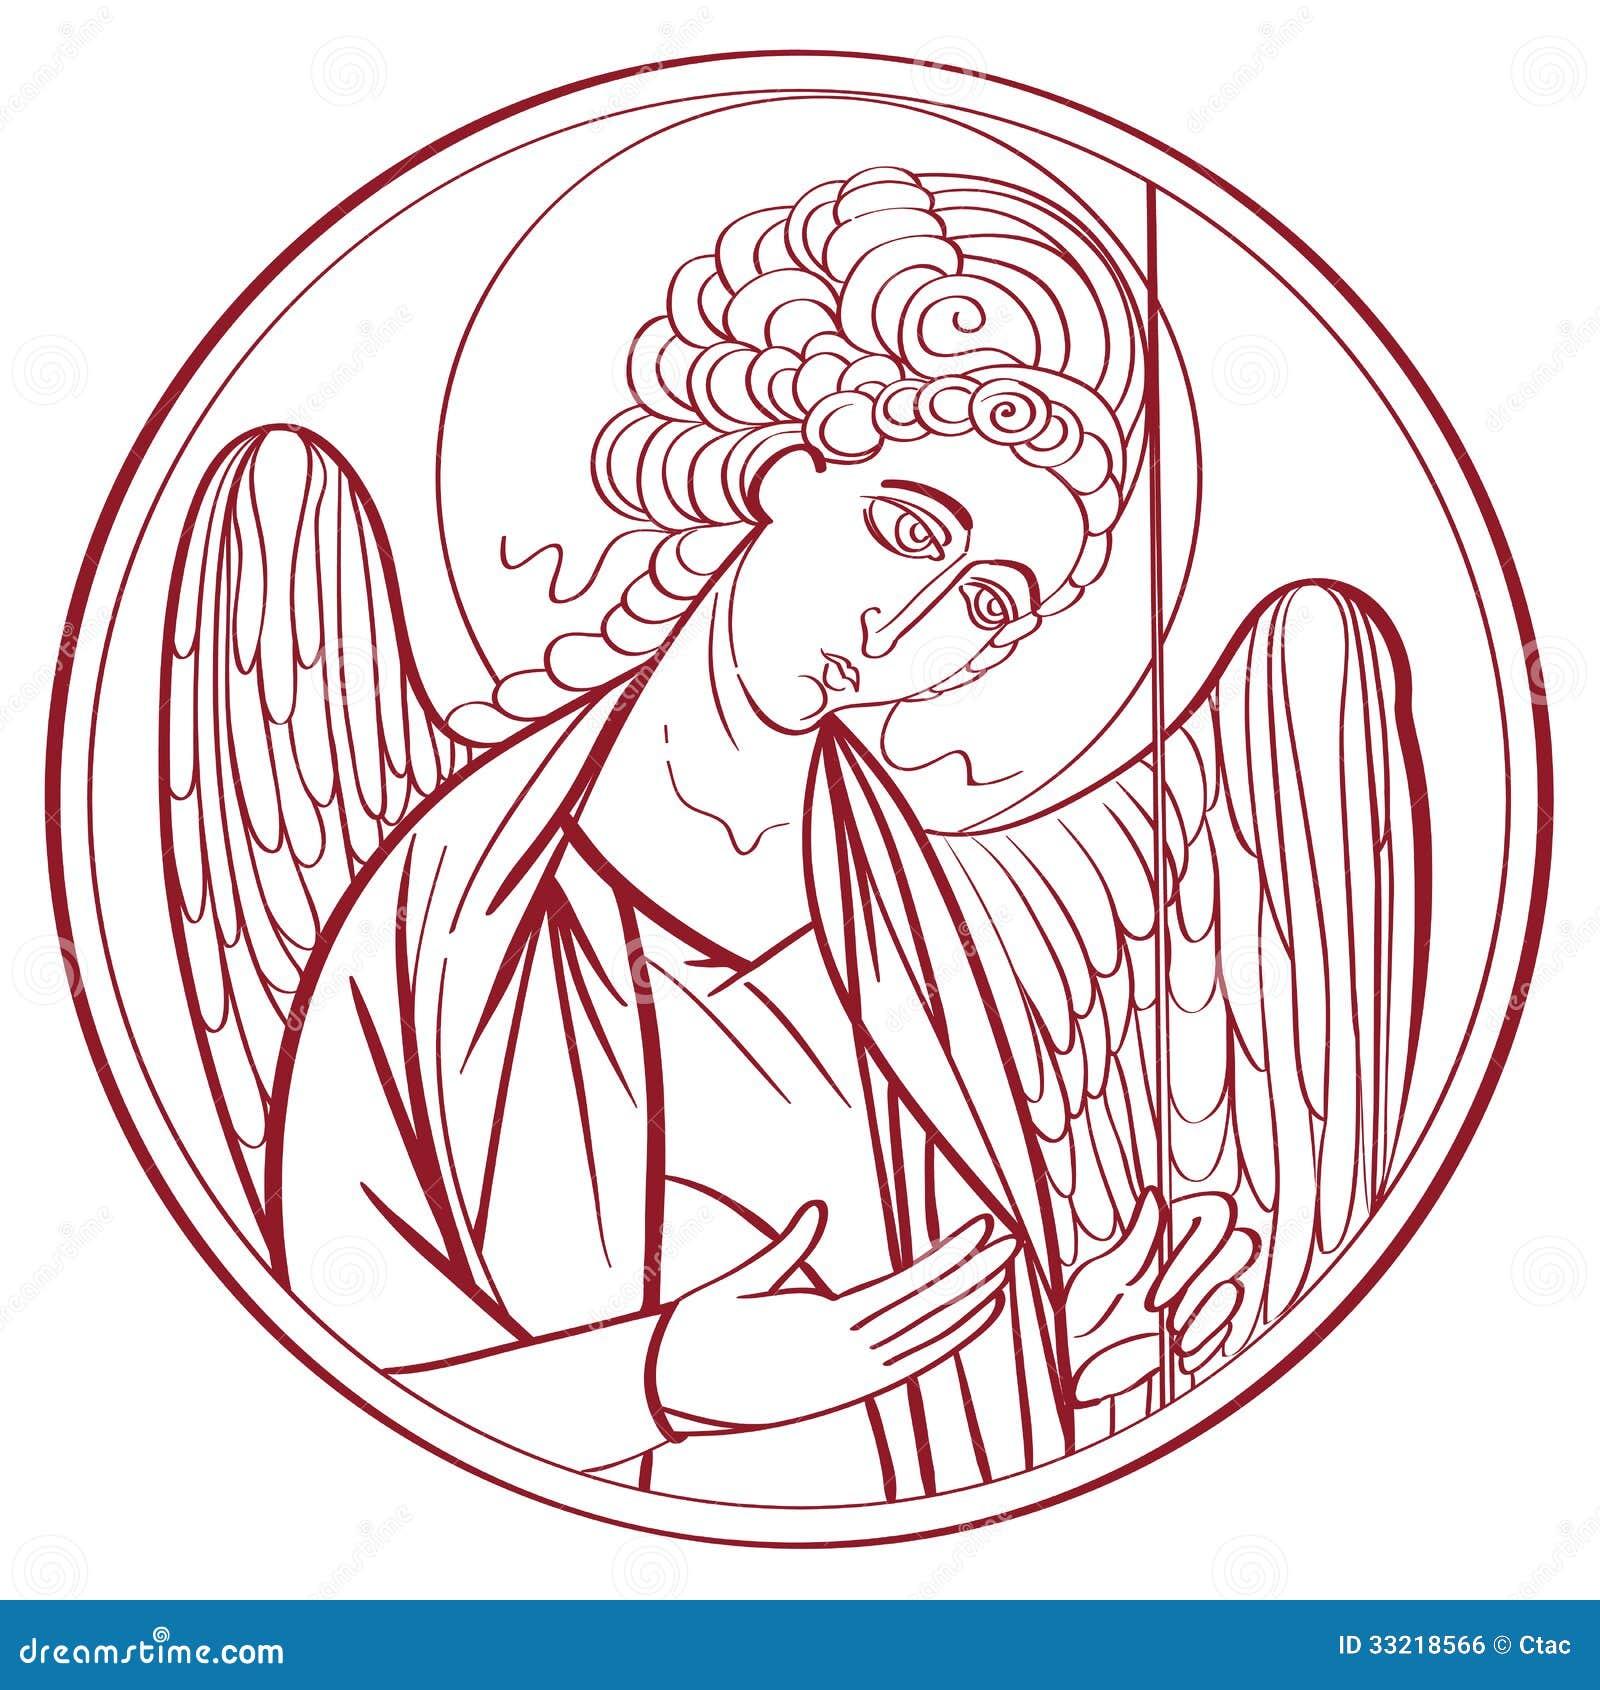 Dibujo del arcángel